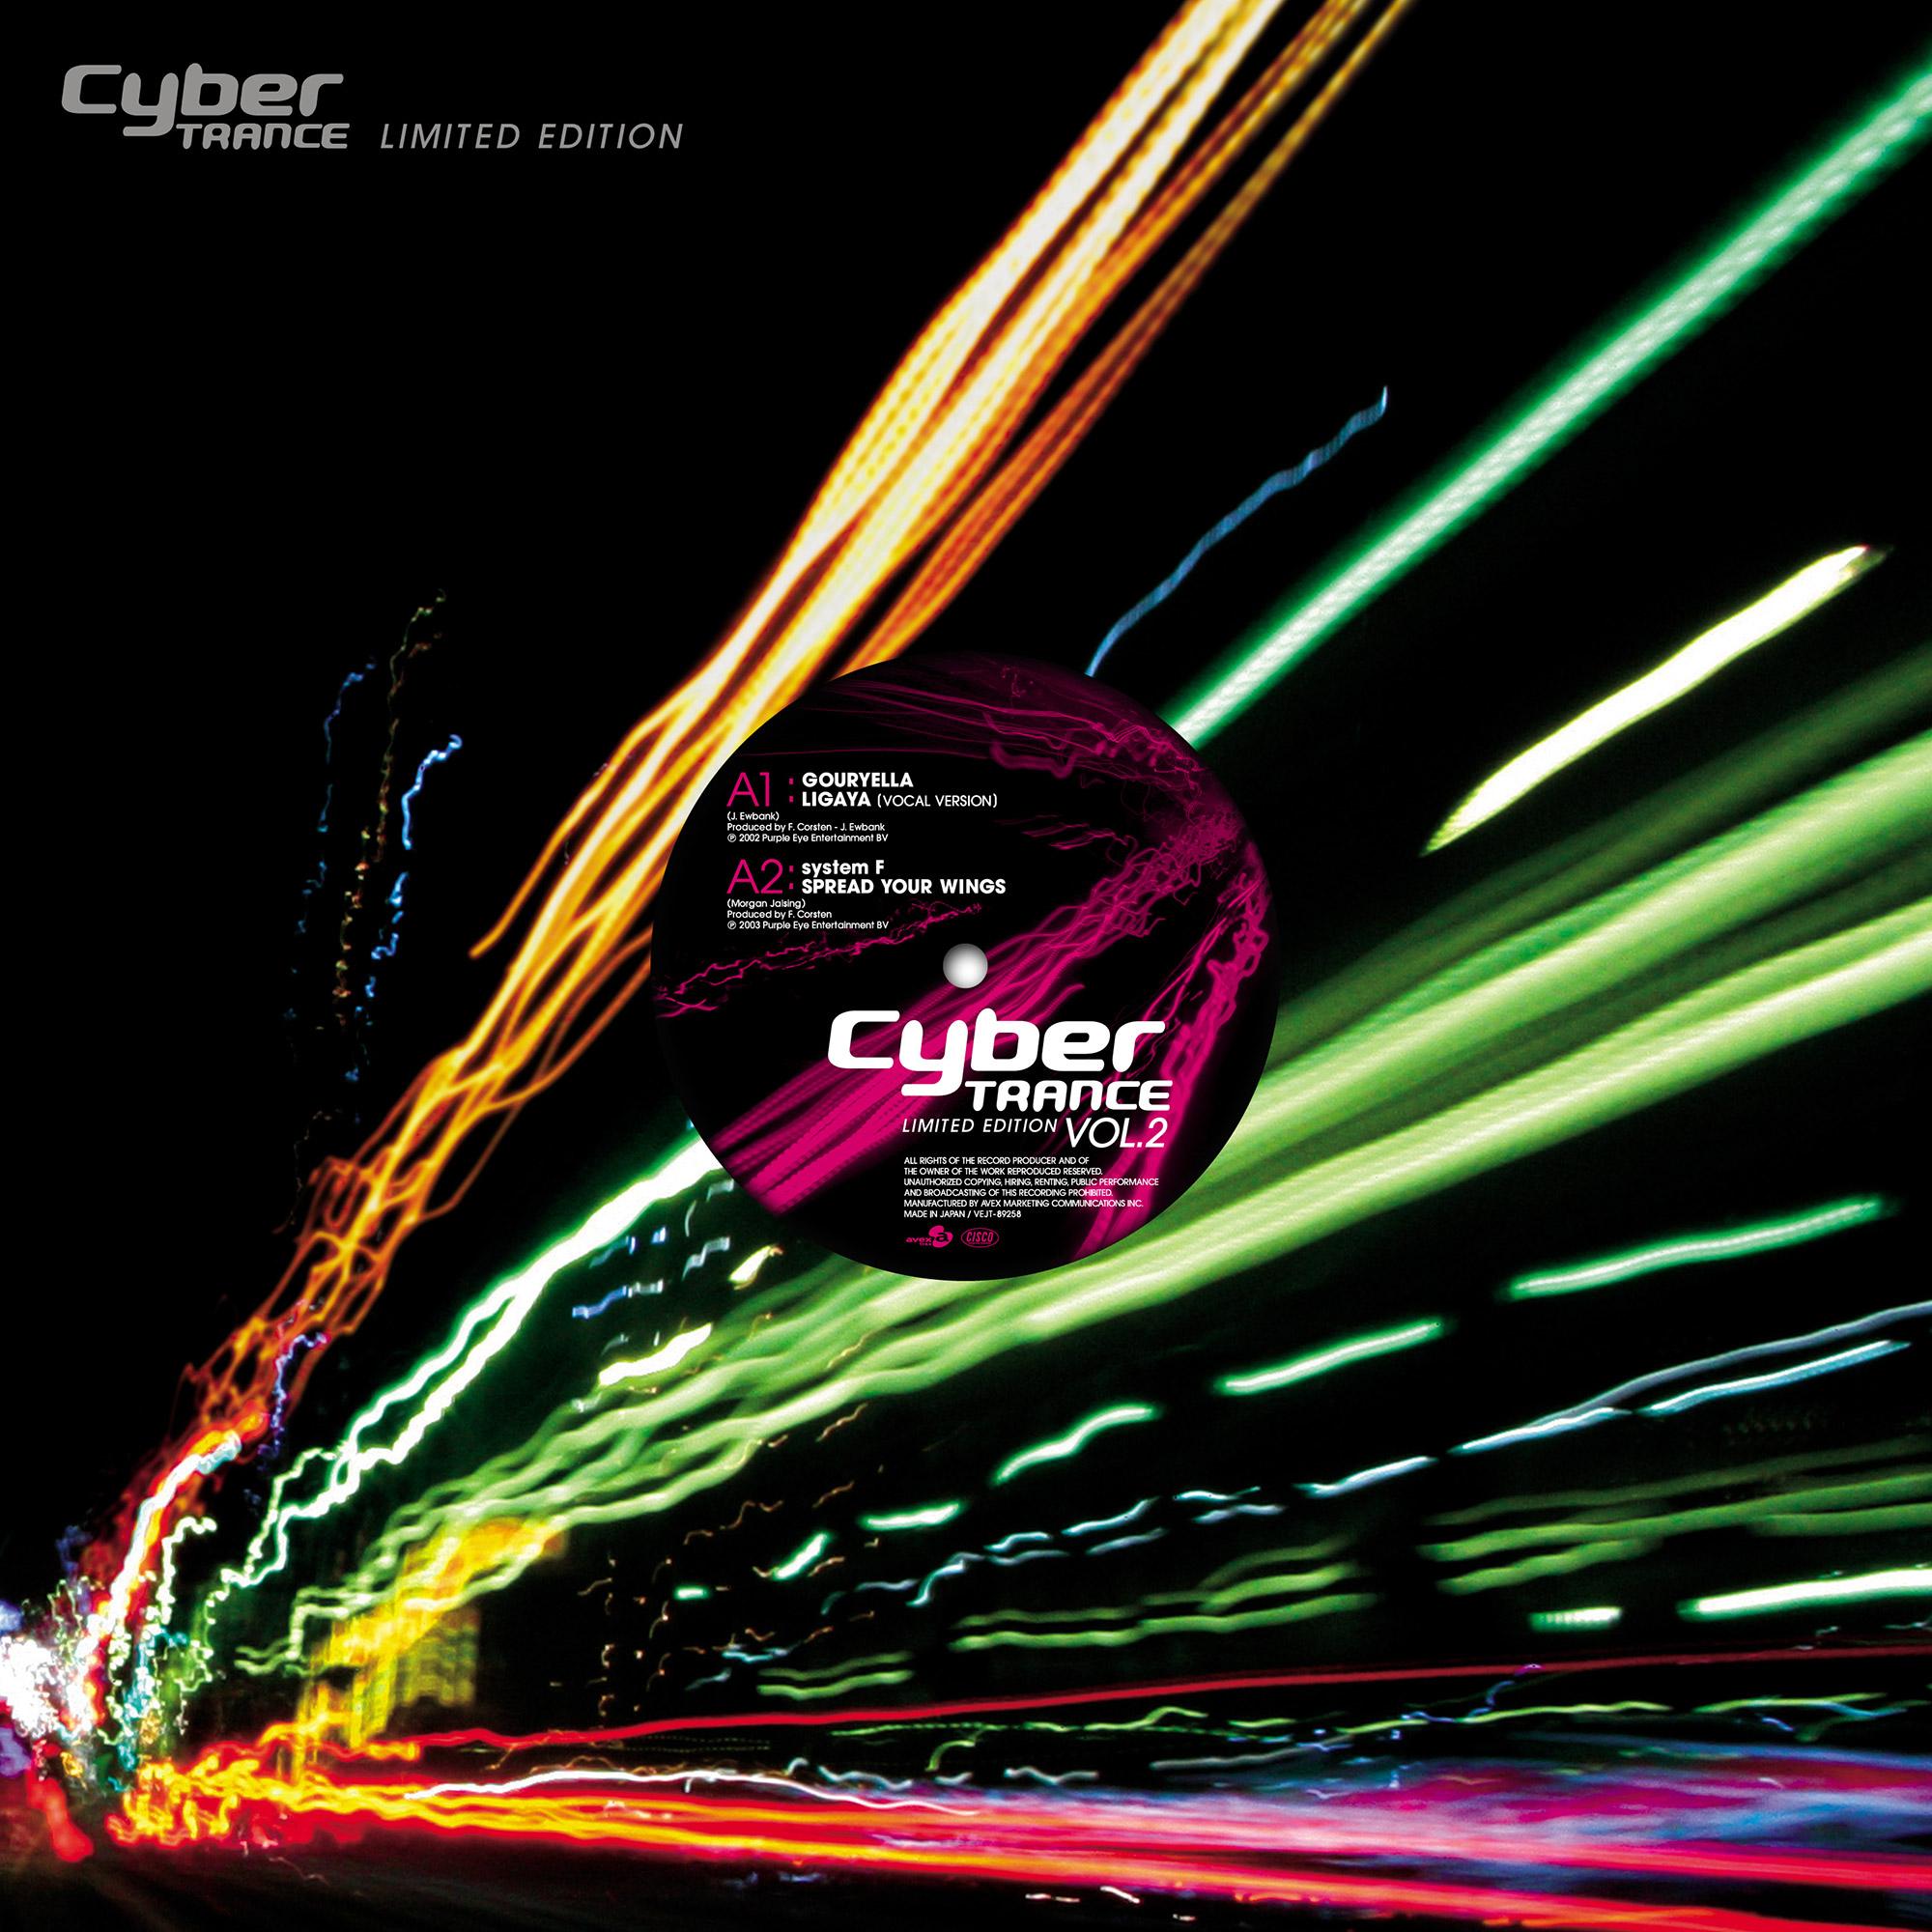 Cyber_LE_vol2_01